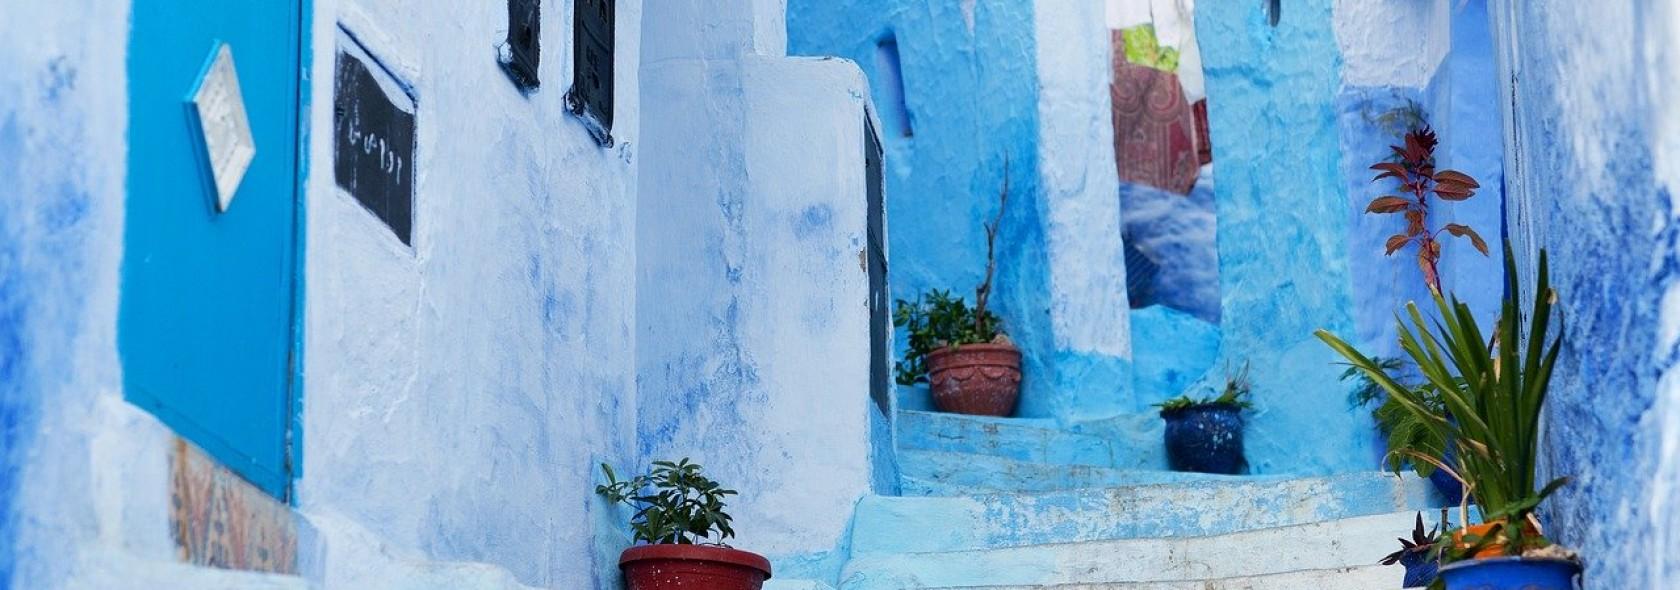 Epifania in Marocco Volo diretto